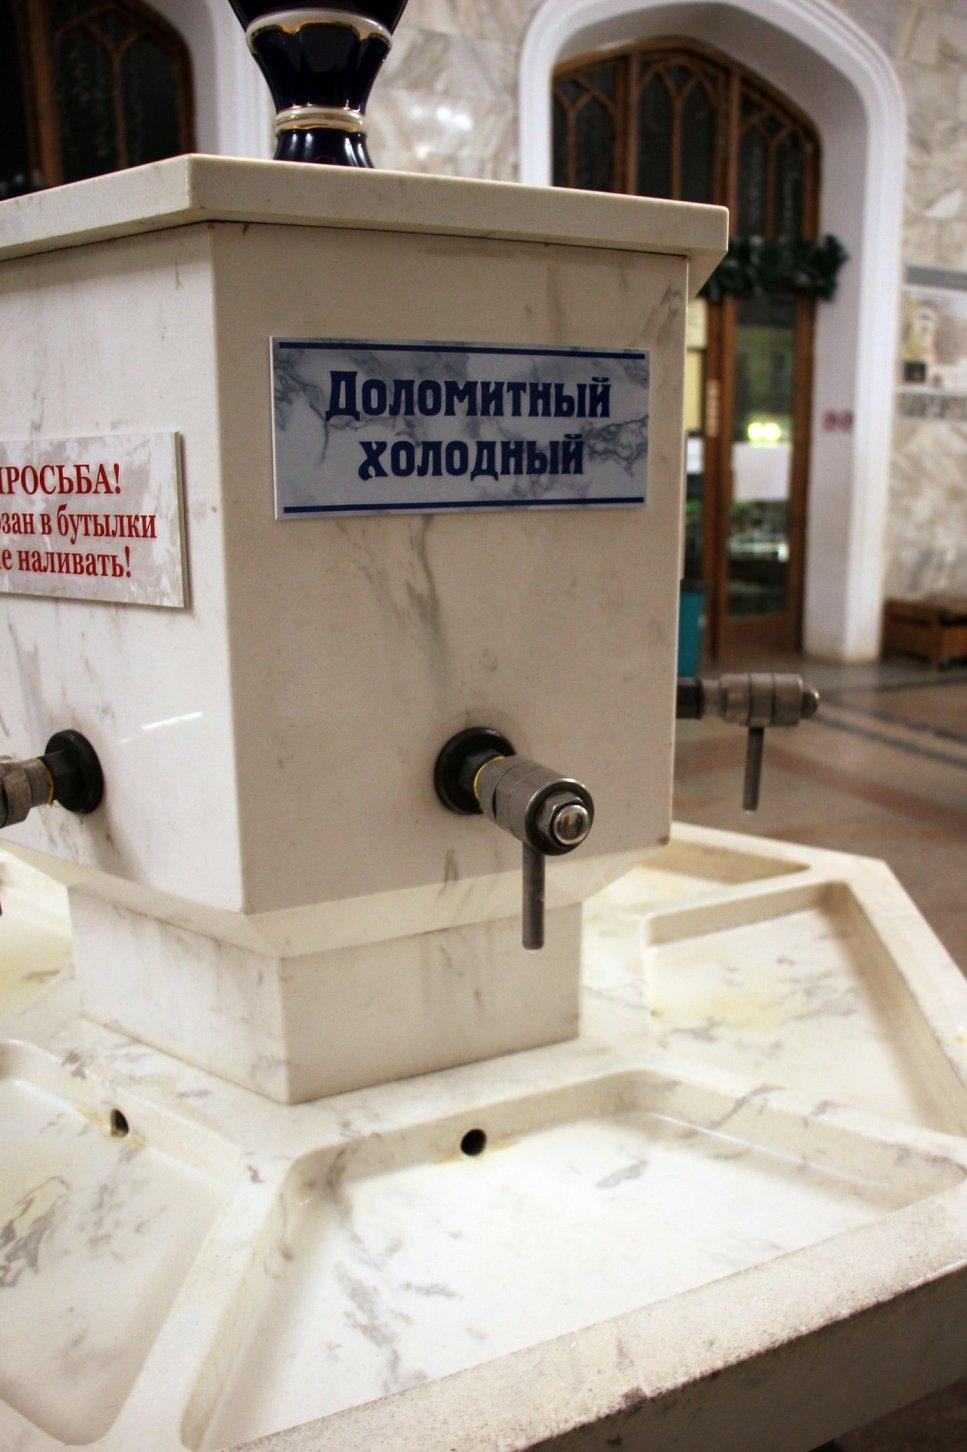 Кавказский минеральный бальзам